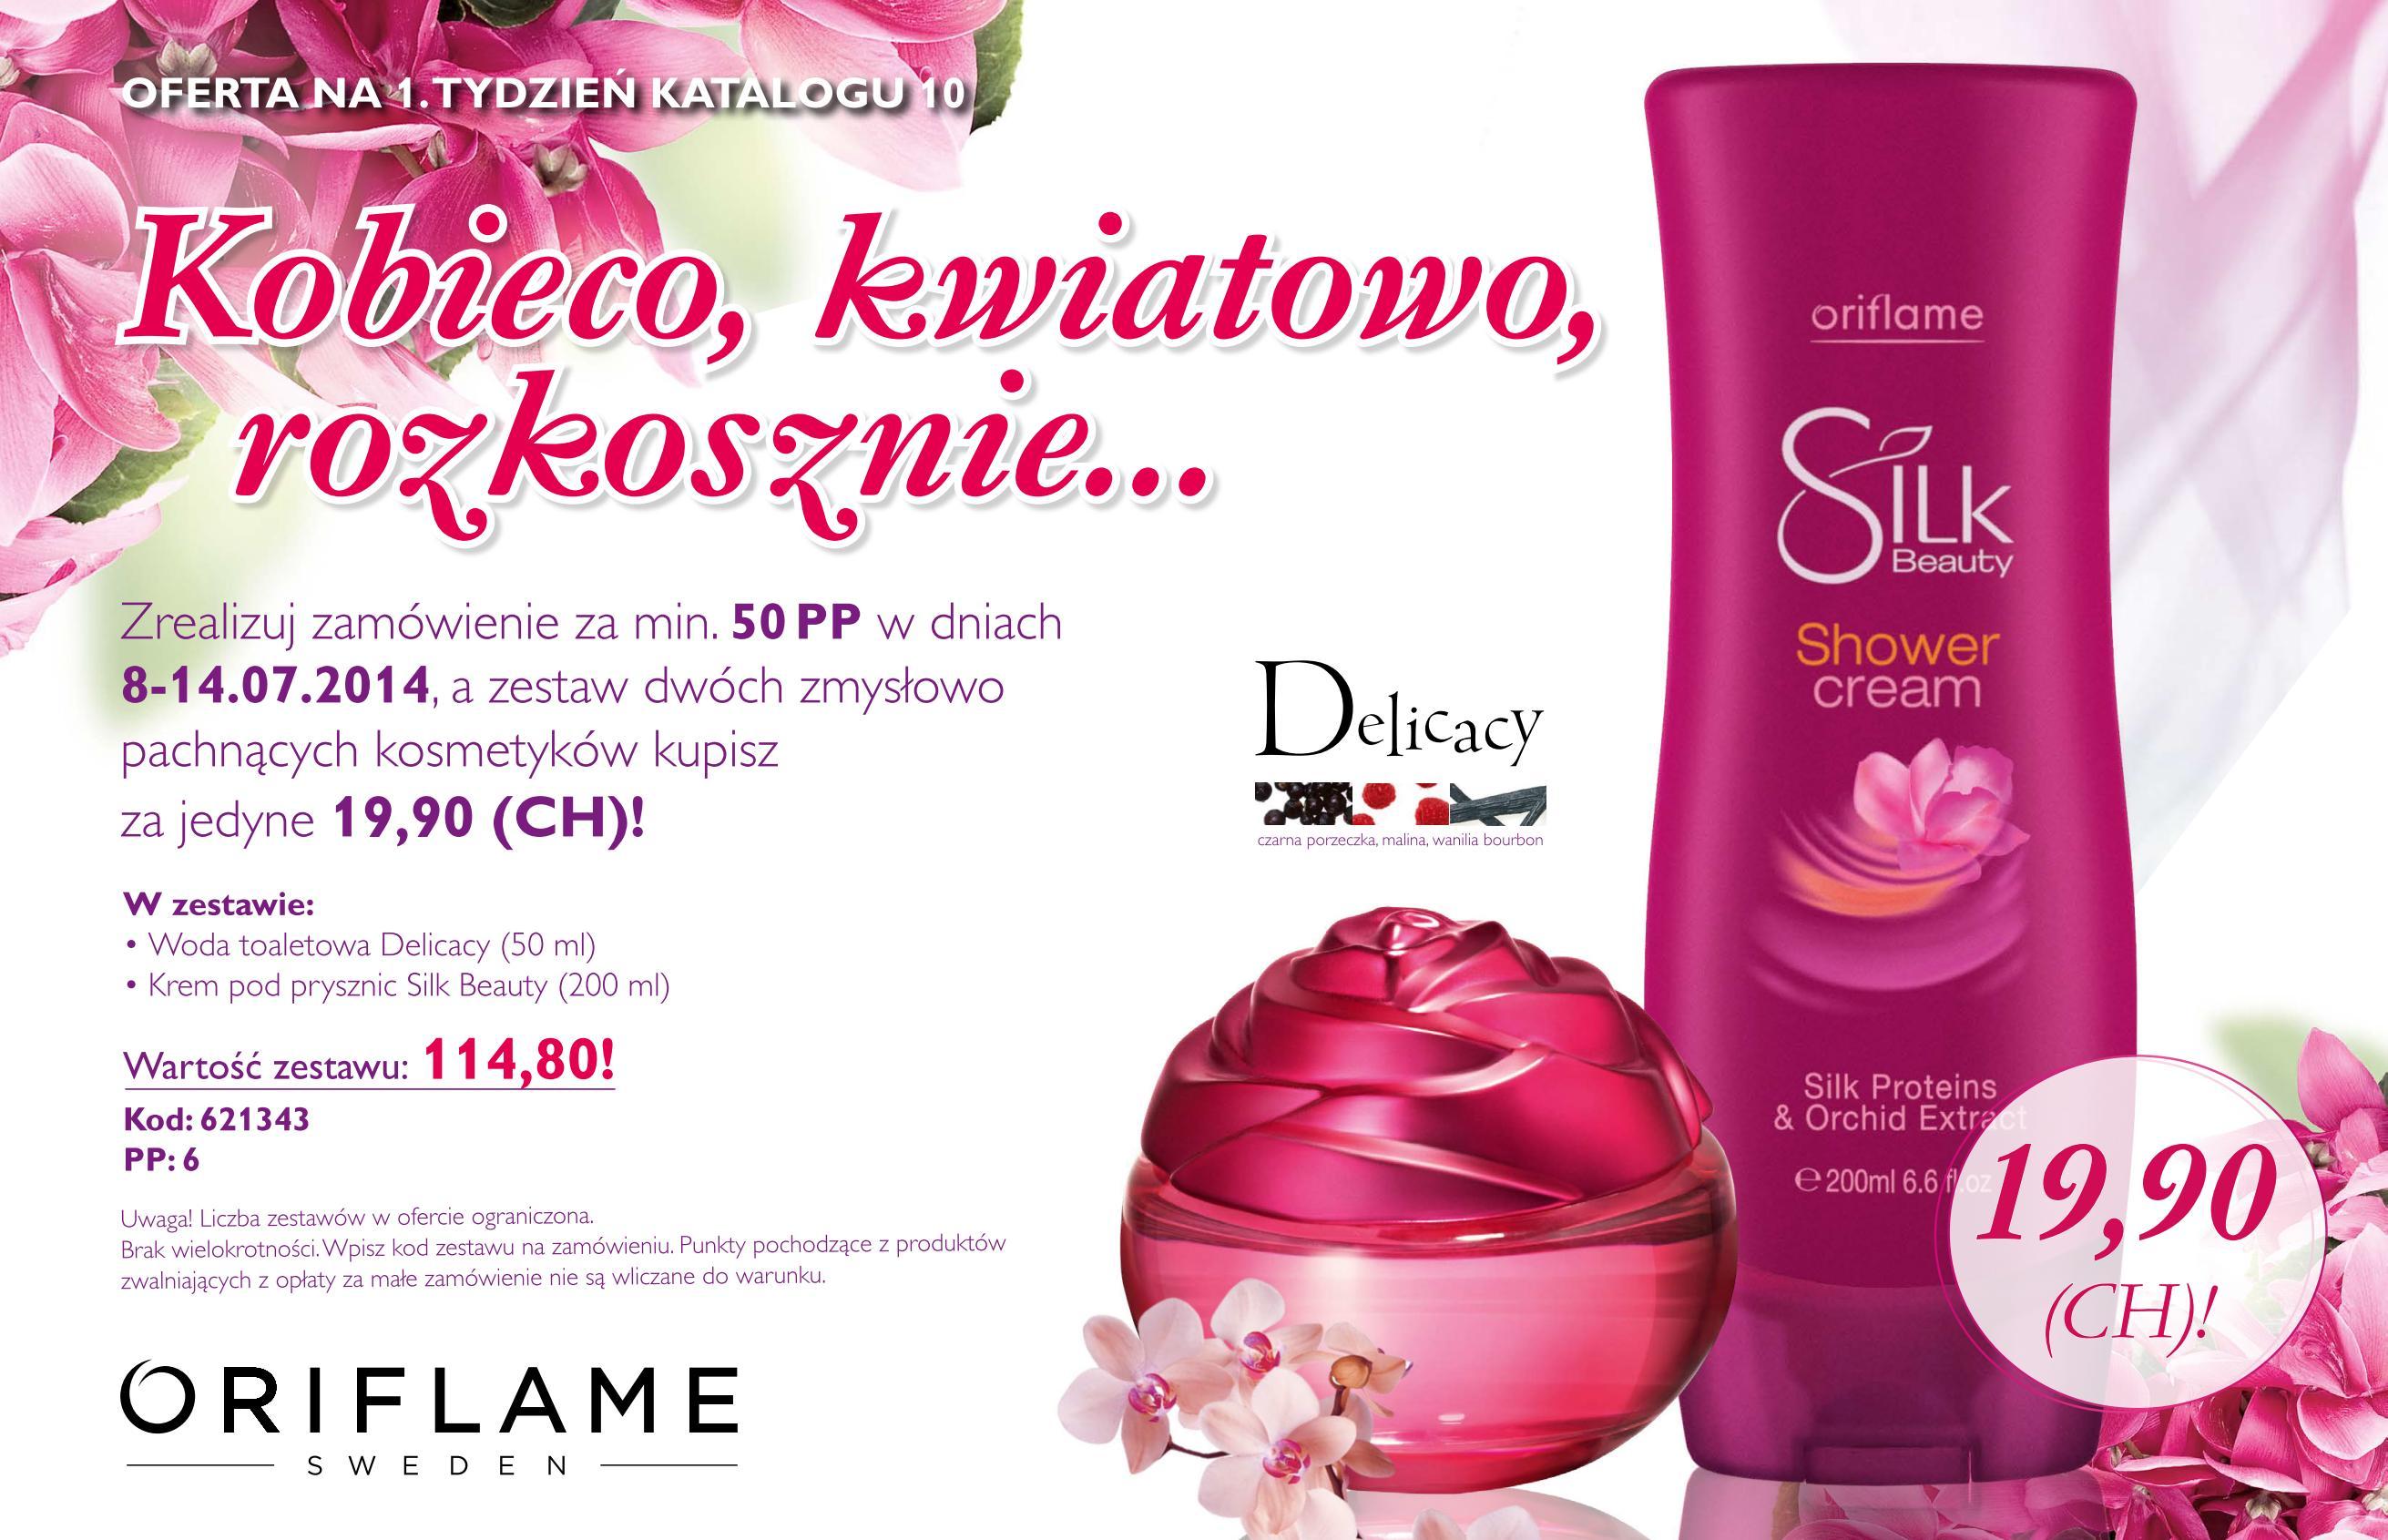 Katalog Oriflame 10 2014 oferta 1 tydzień 2